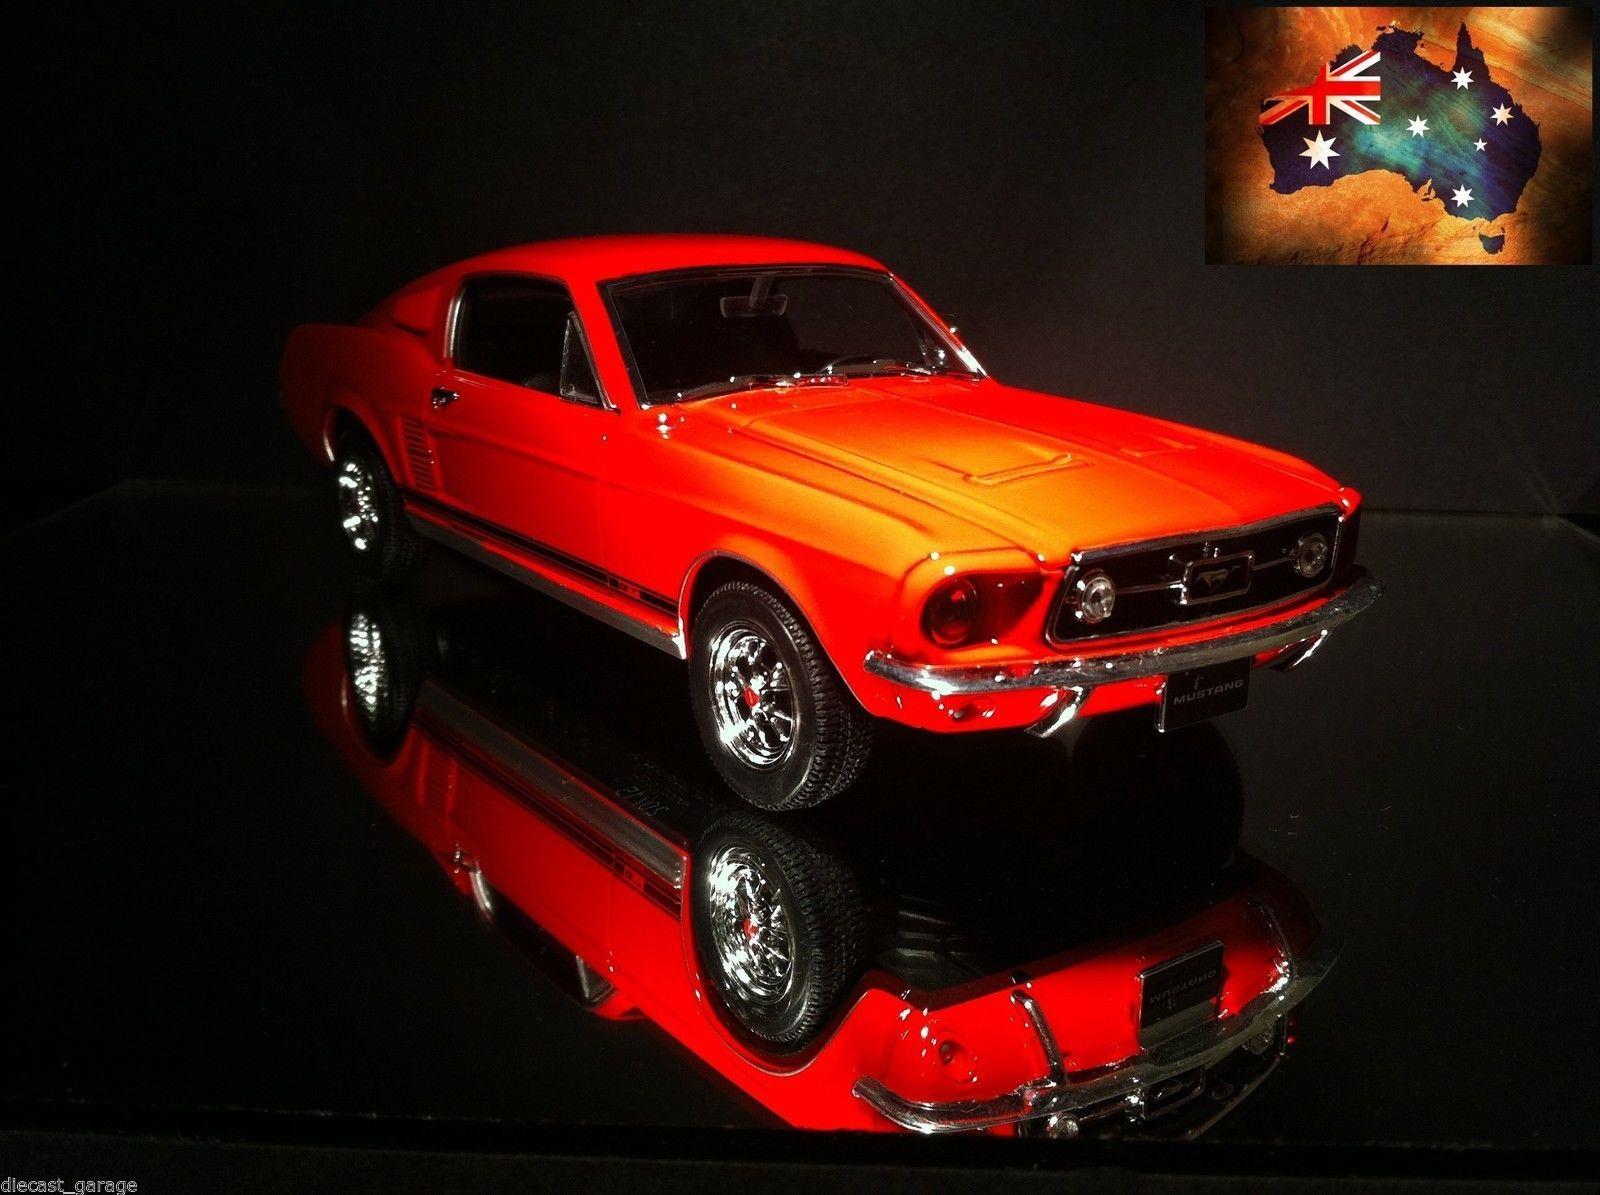 Ford Mustang Gt 1967 Muscle Car Drift Race Eleanor Drag V8 Coupe 302 Oldtimer Horsepower Pinterest